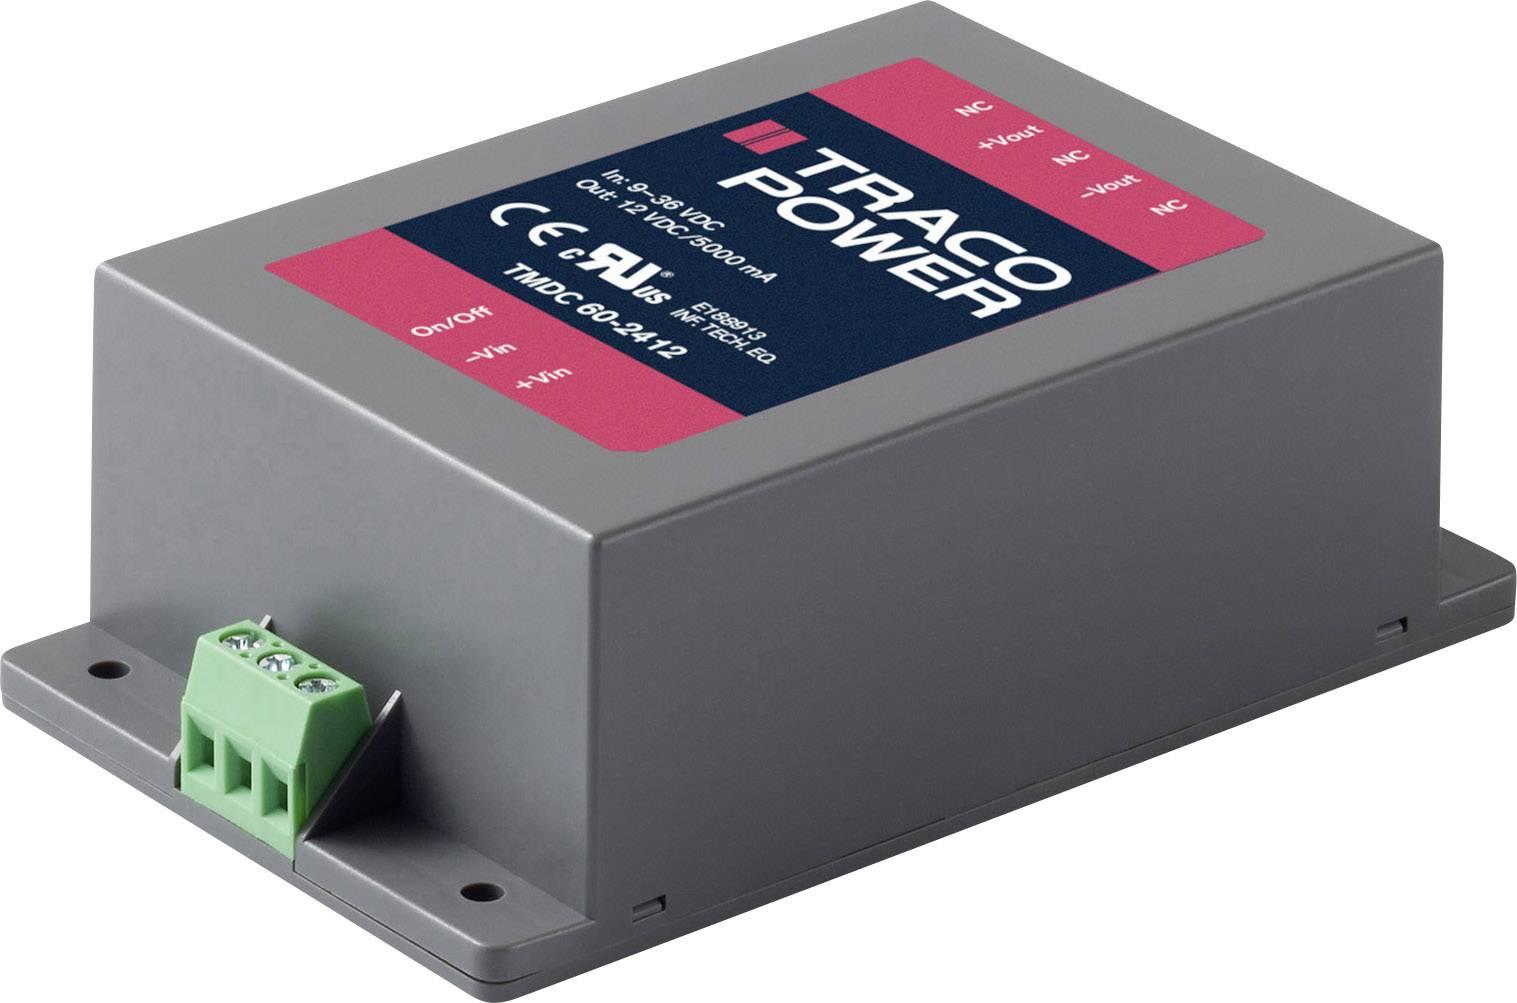 DC/DC měnič napětí, modul TracoPower TMDC 60-4812, 48 V/DC, 12 V/DC, 5000 mA, 60 W, Počet výstupů 1 x